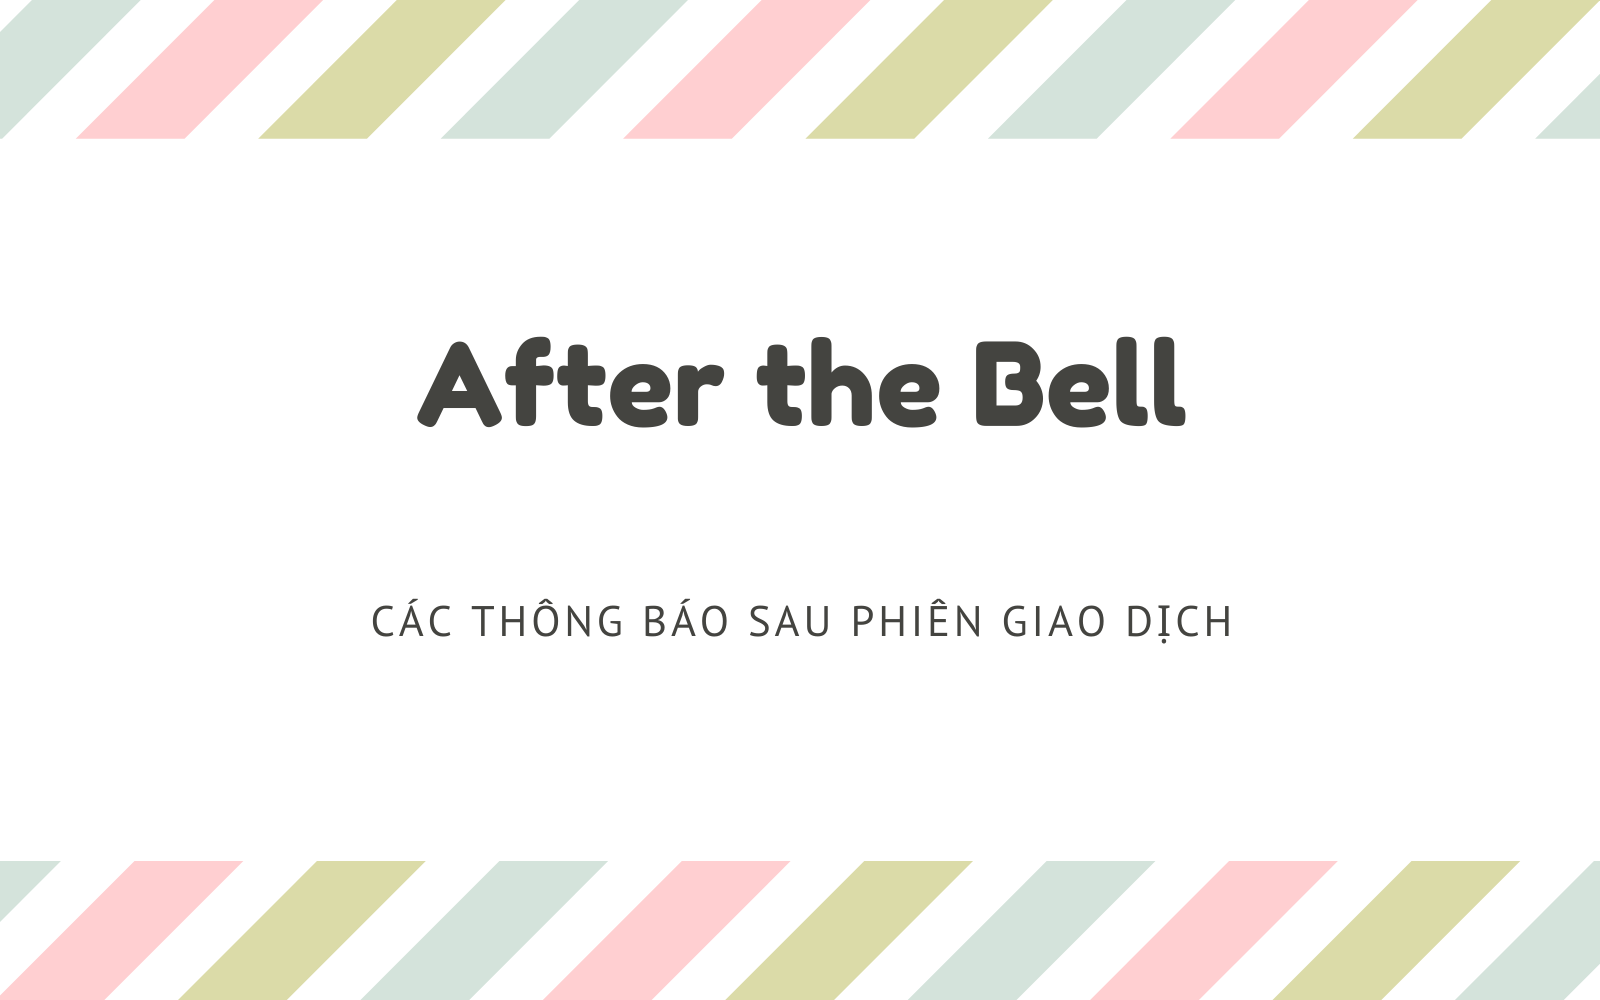 Các thông báo sau phiên giao dịch (After the Bell) là gì? Nội dung liên quan - Ảnh 1.